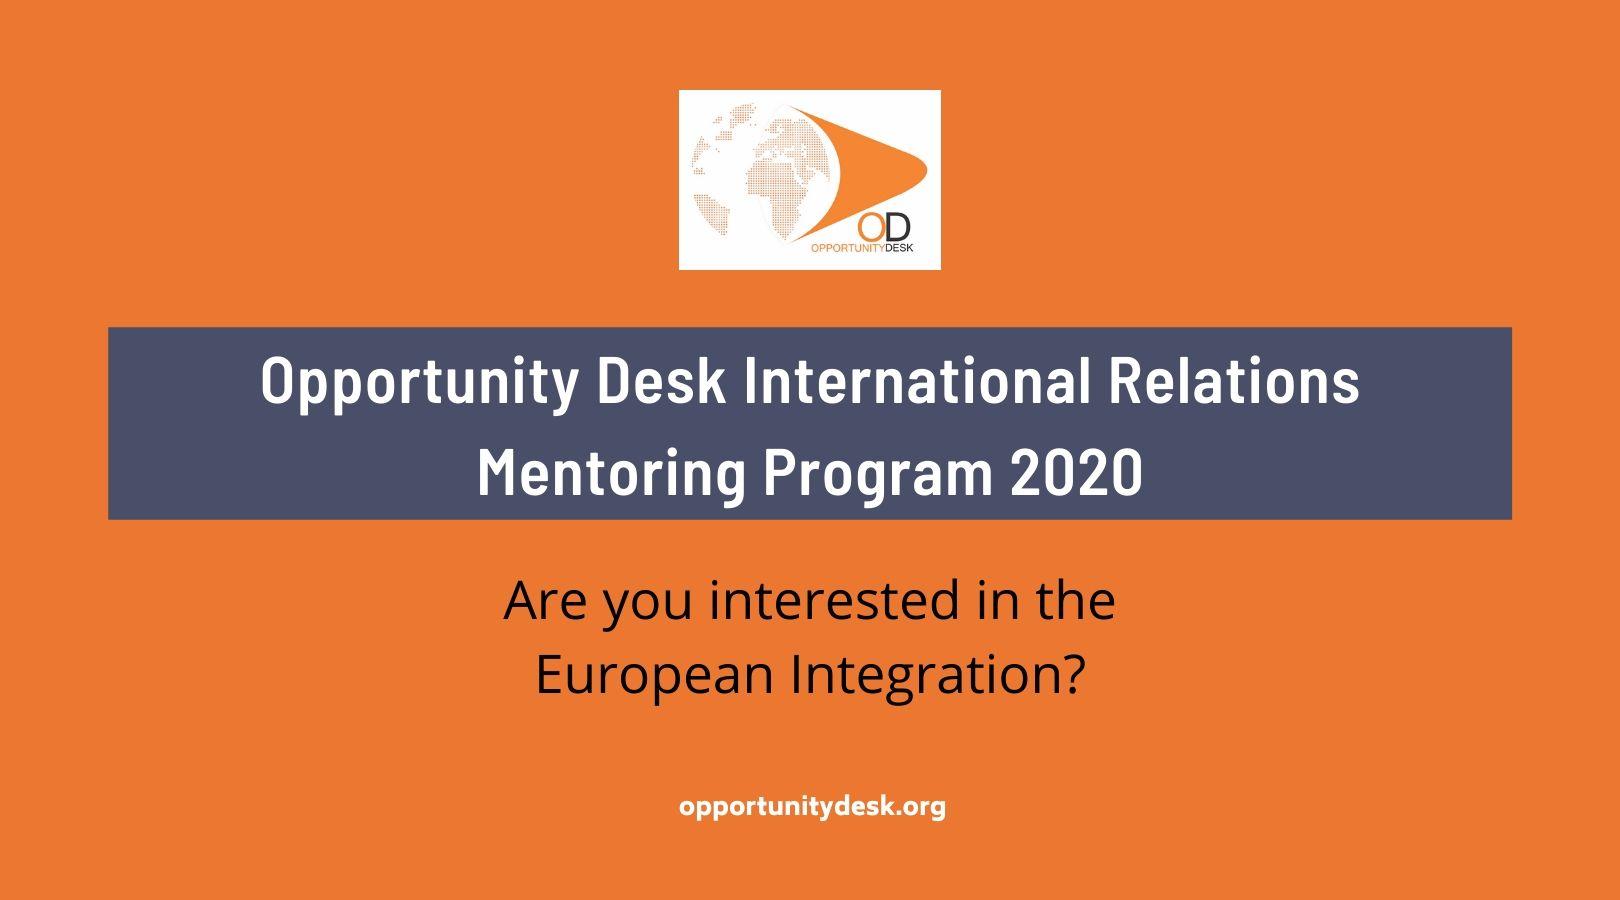 Opportunity Desk International Relations Mentoring Program 2020